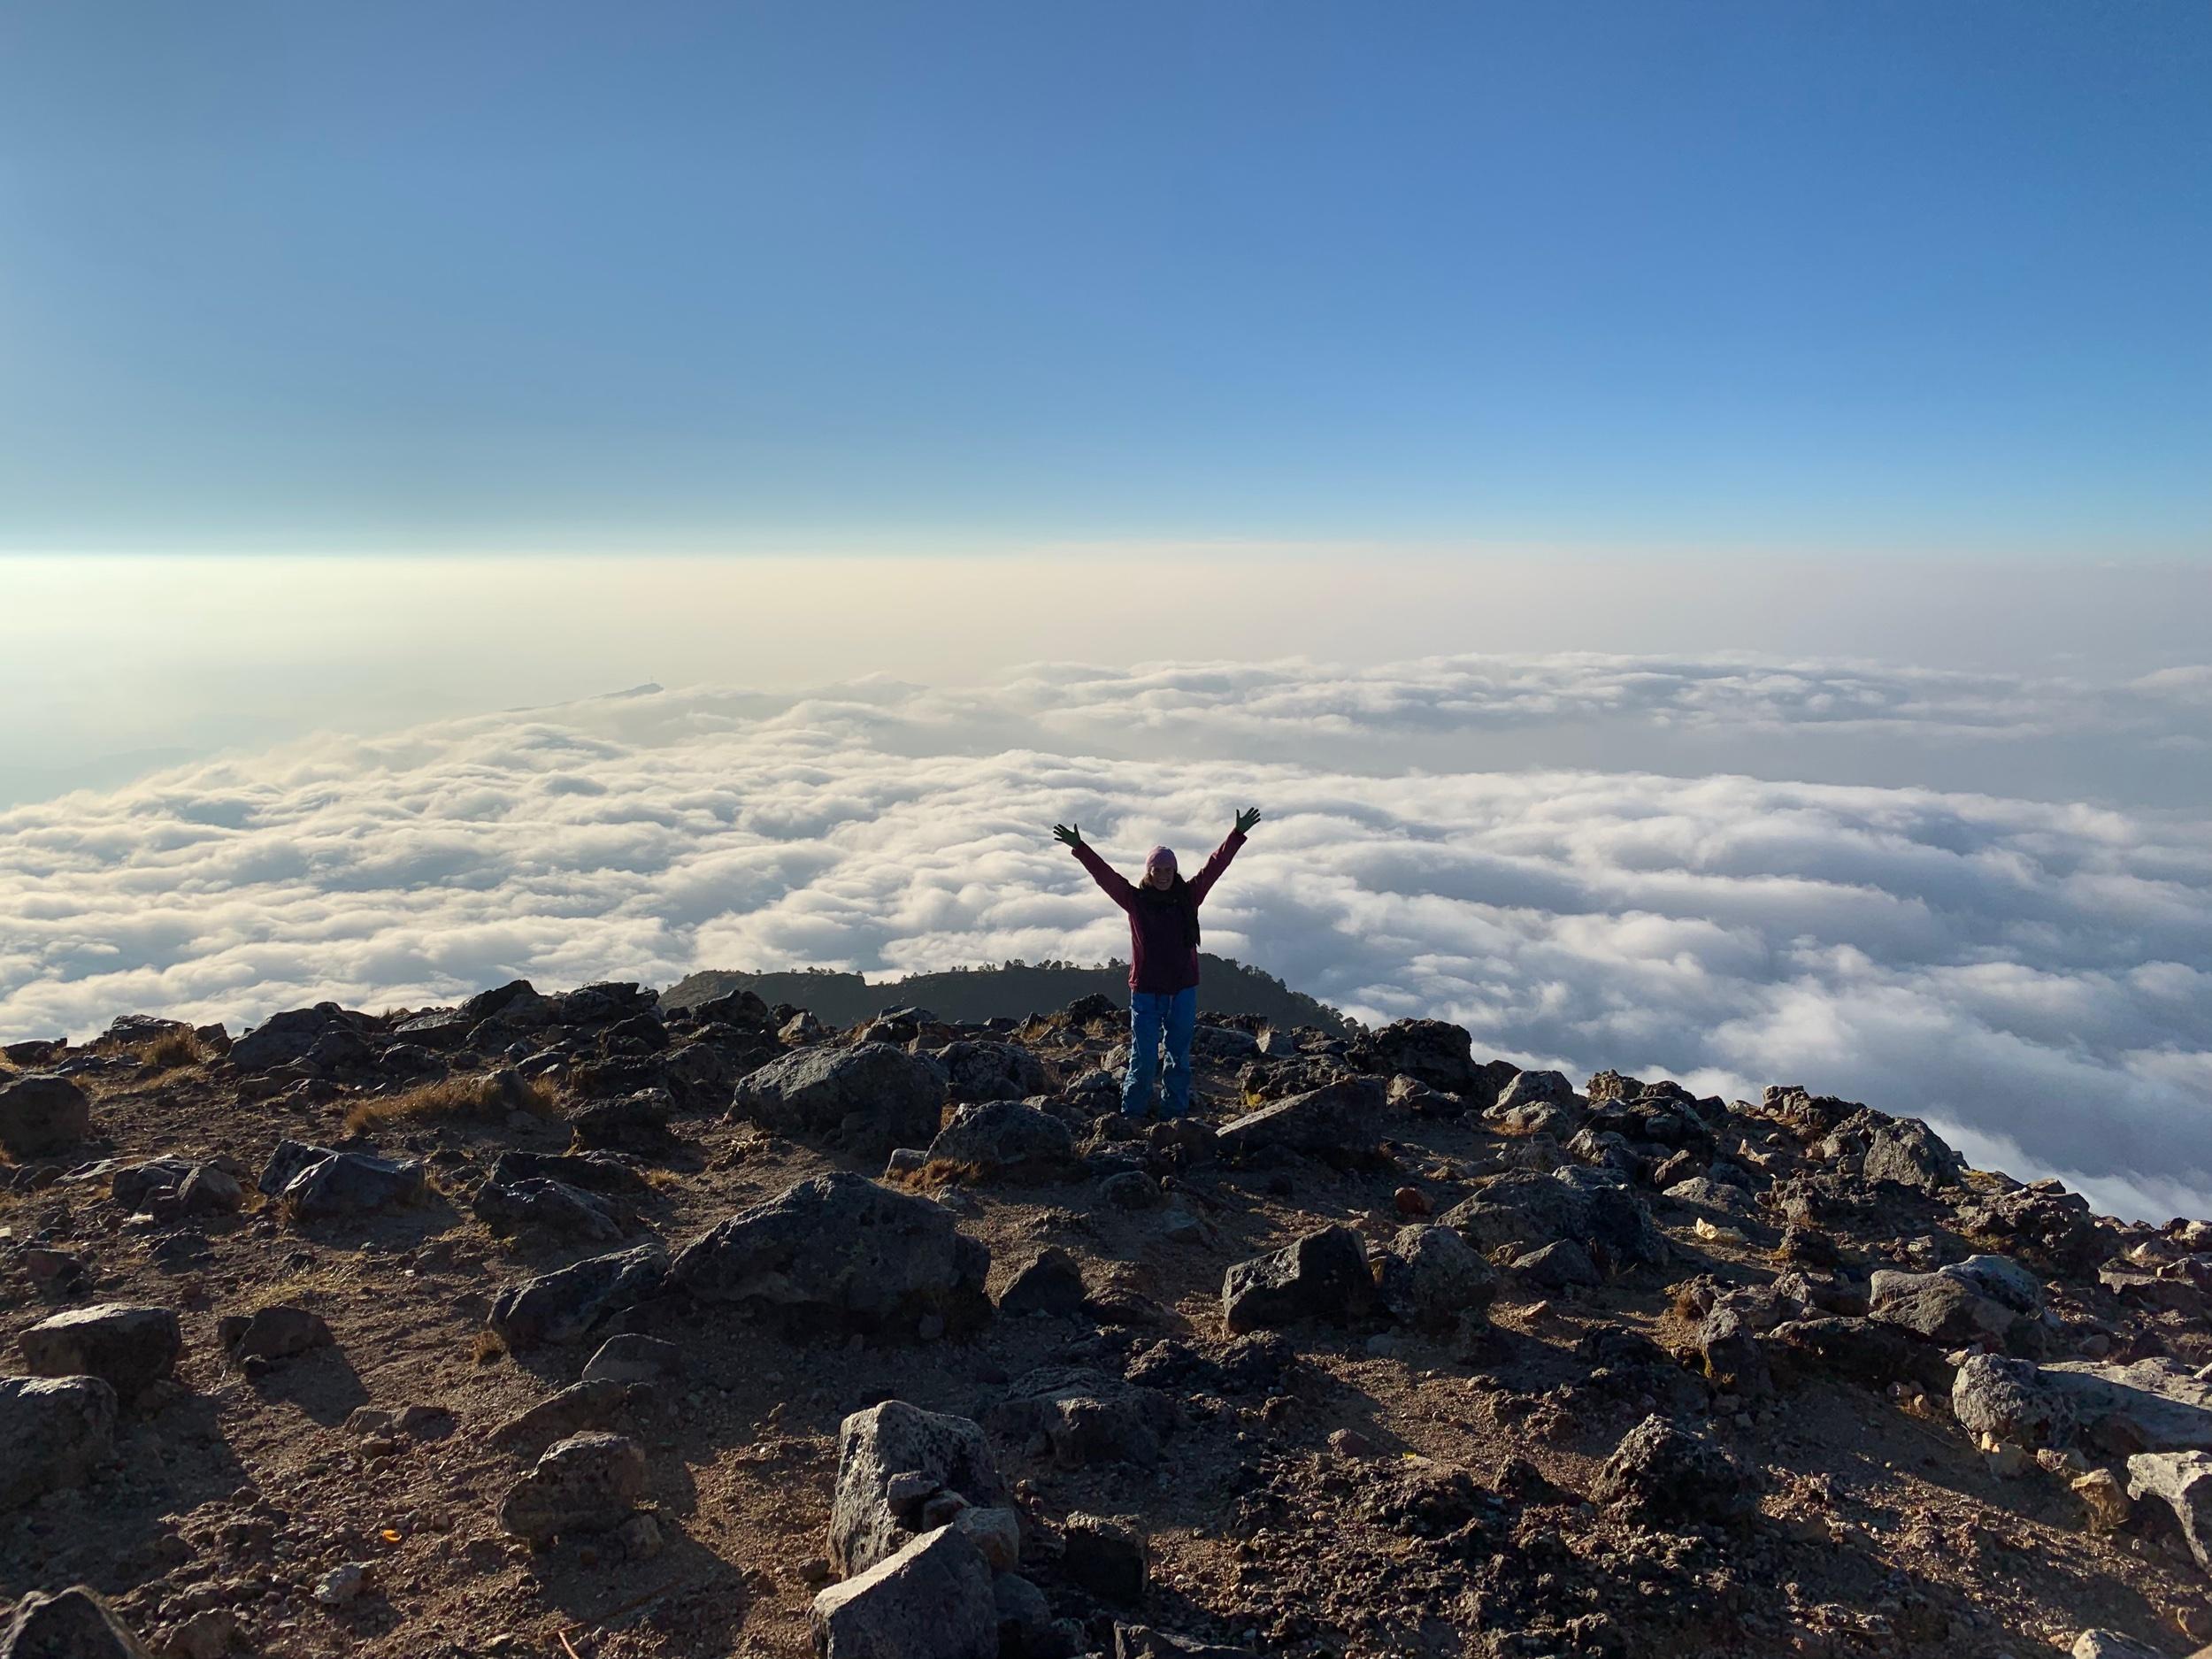 Me at the top of Tajumulco in Guatemala!